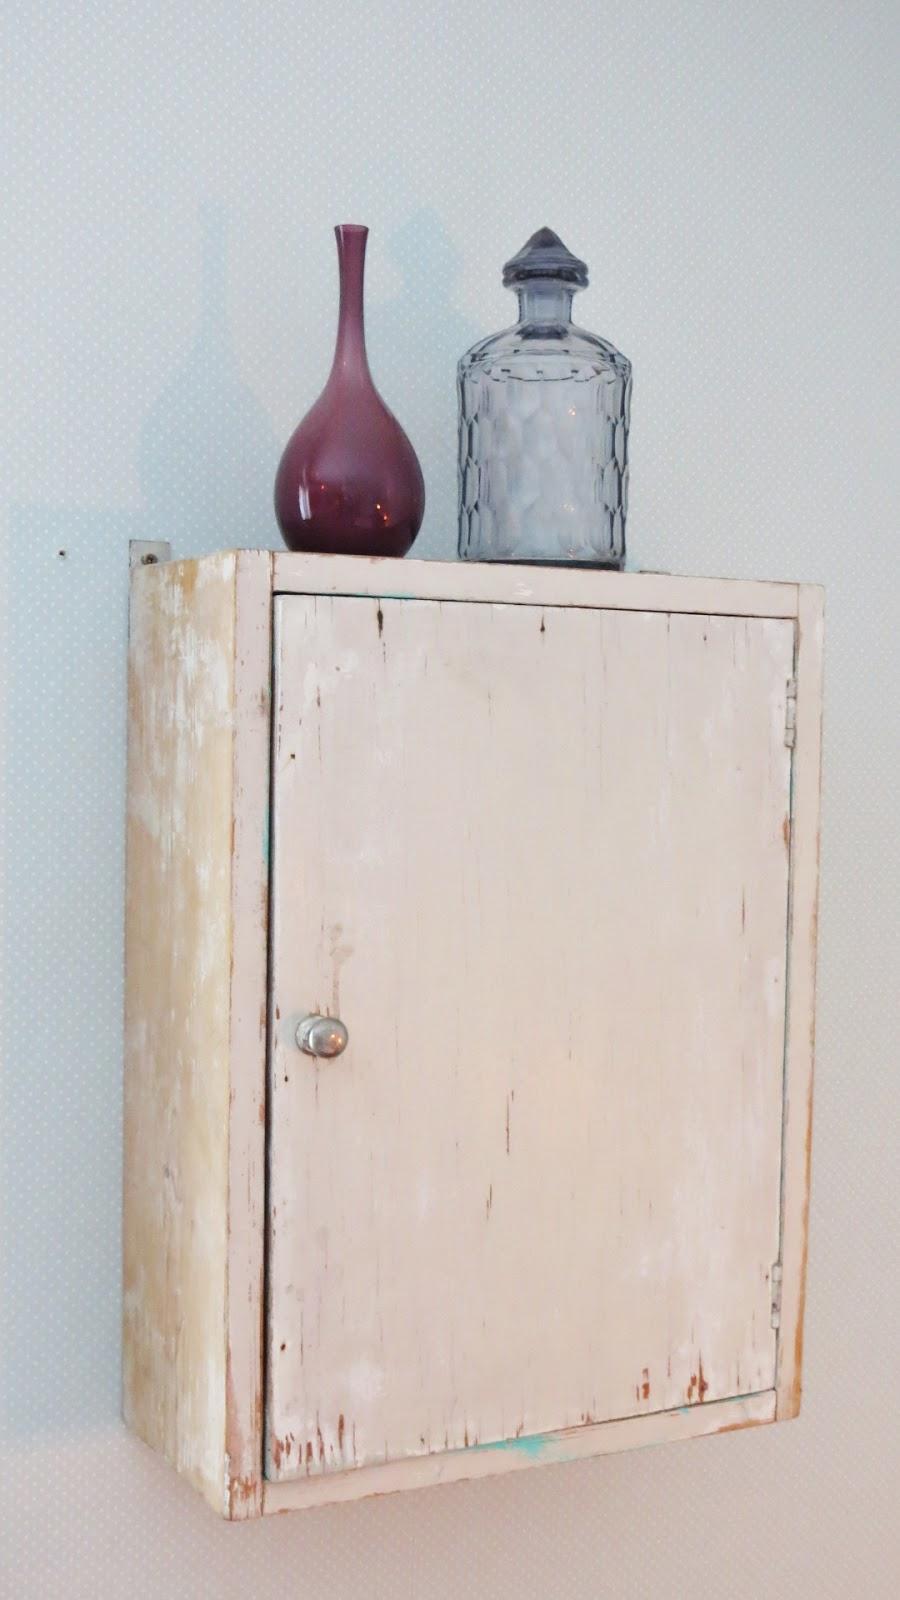 La m u00f4mes Old fashioned Ett gammalt vägghängt skåp som bildar en egen vrå i rummet